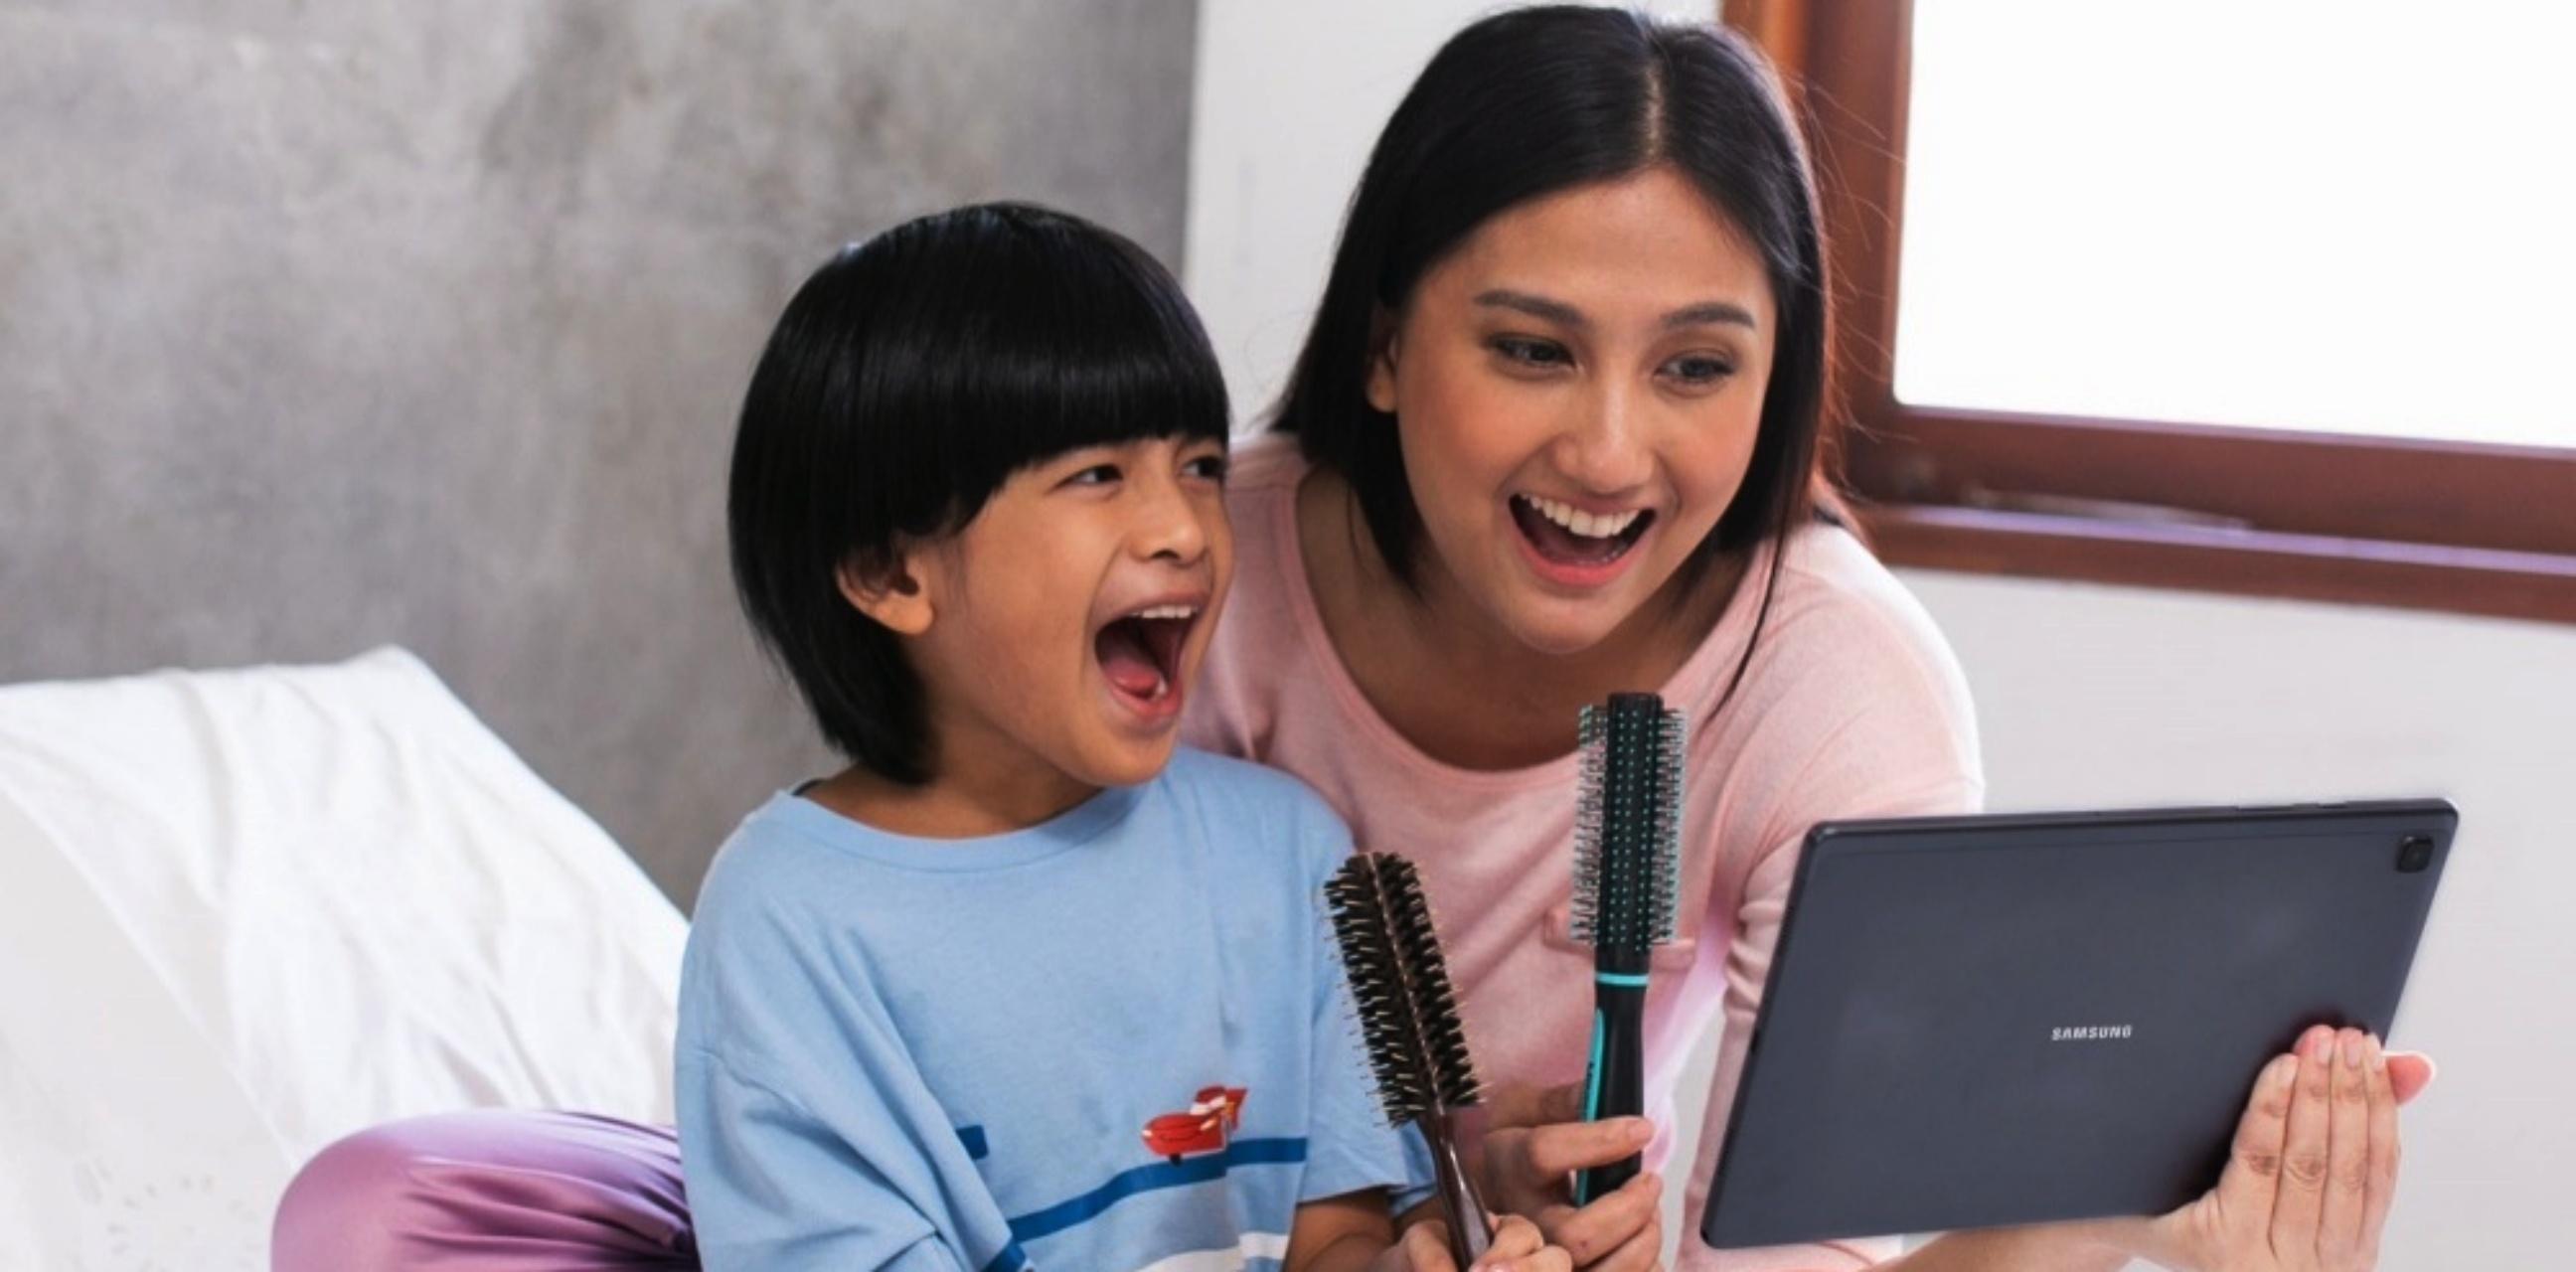 6 Tips agar anak fokus belajar dan bergembira bareng keluarga di rumah